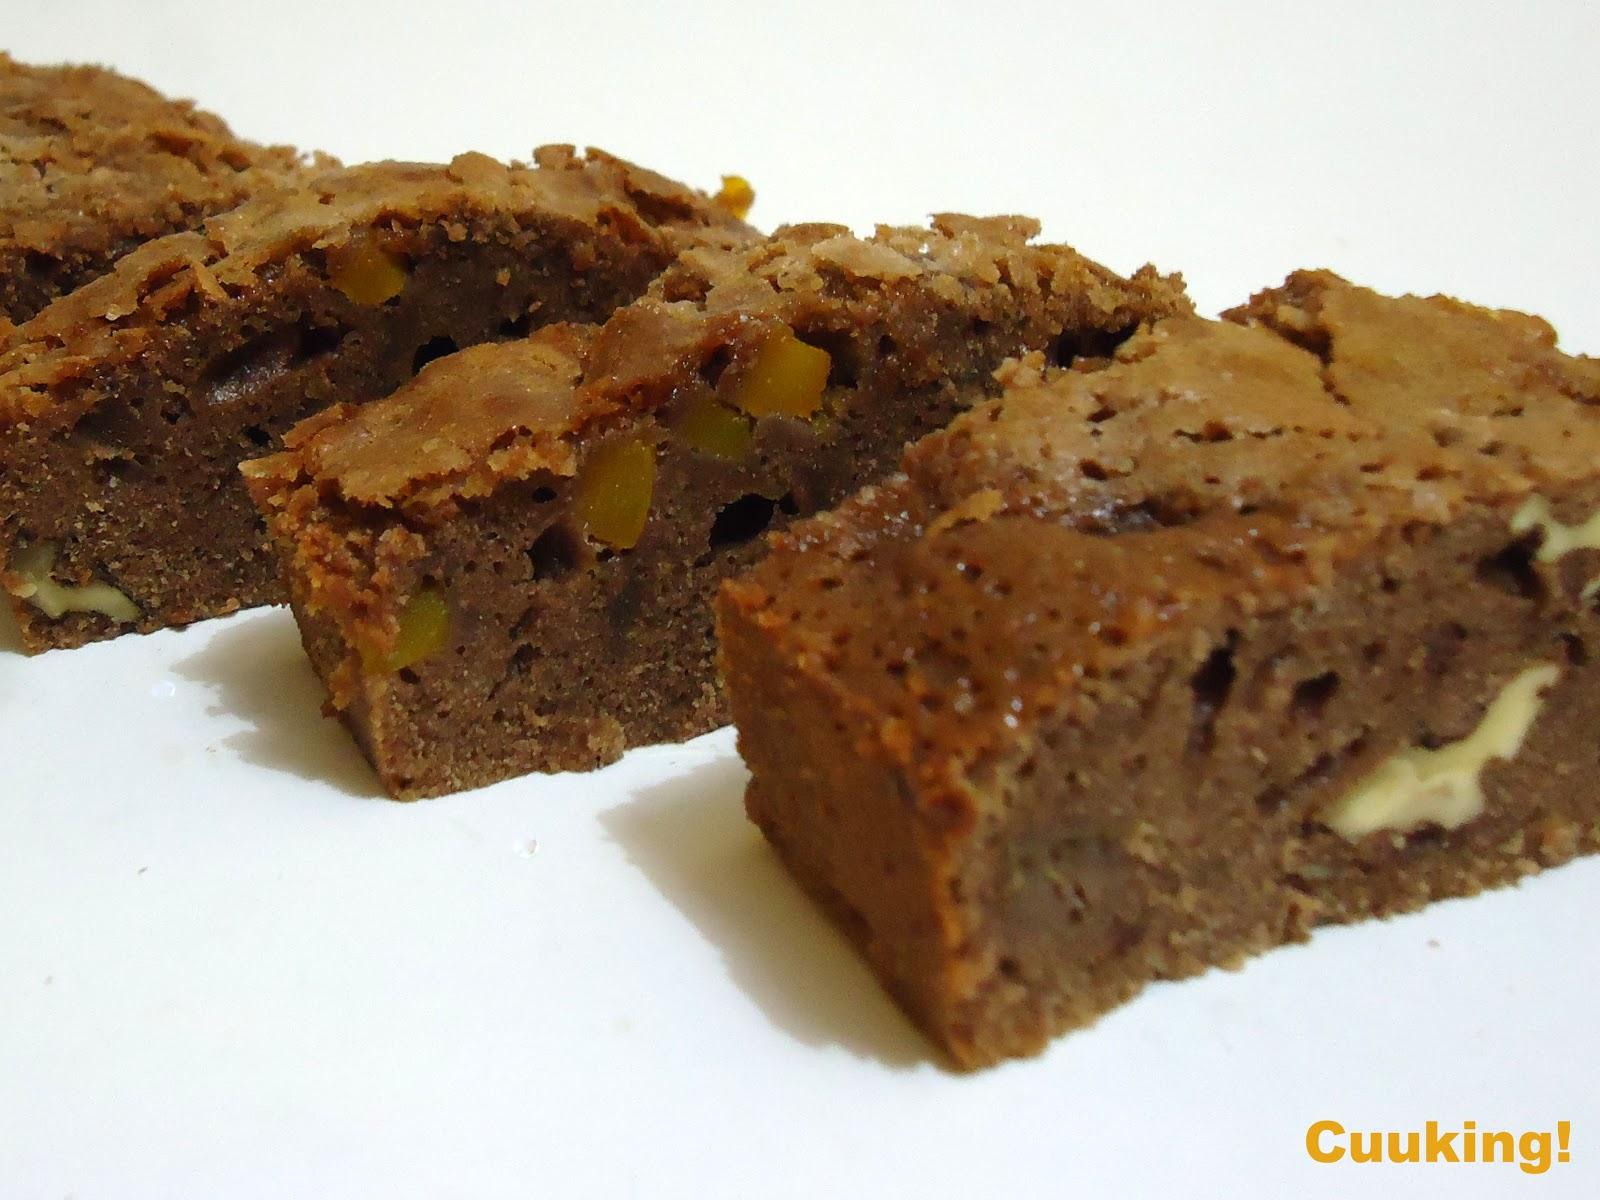 Brownie con nueces y calabaza